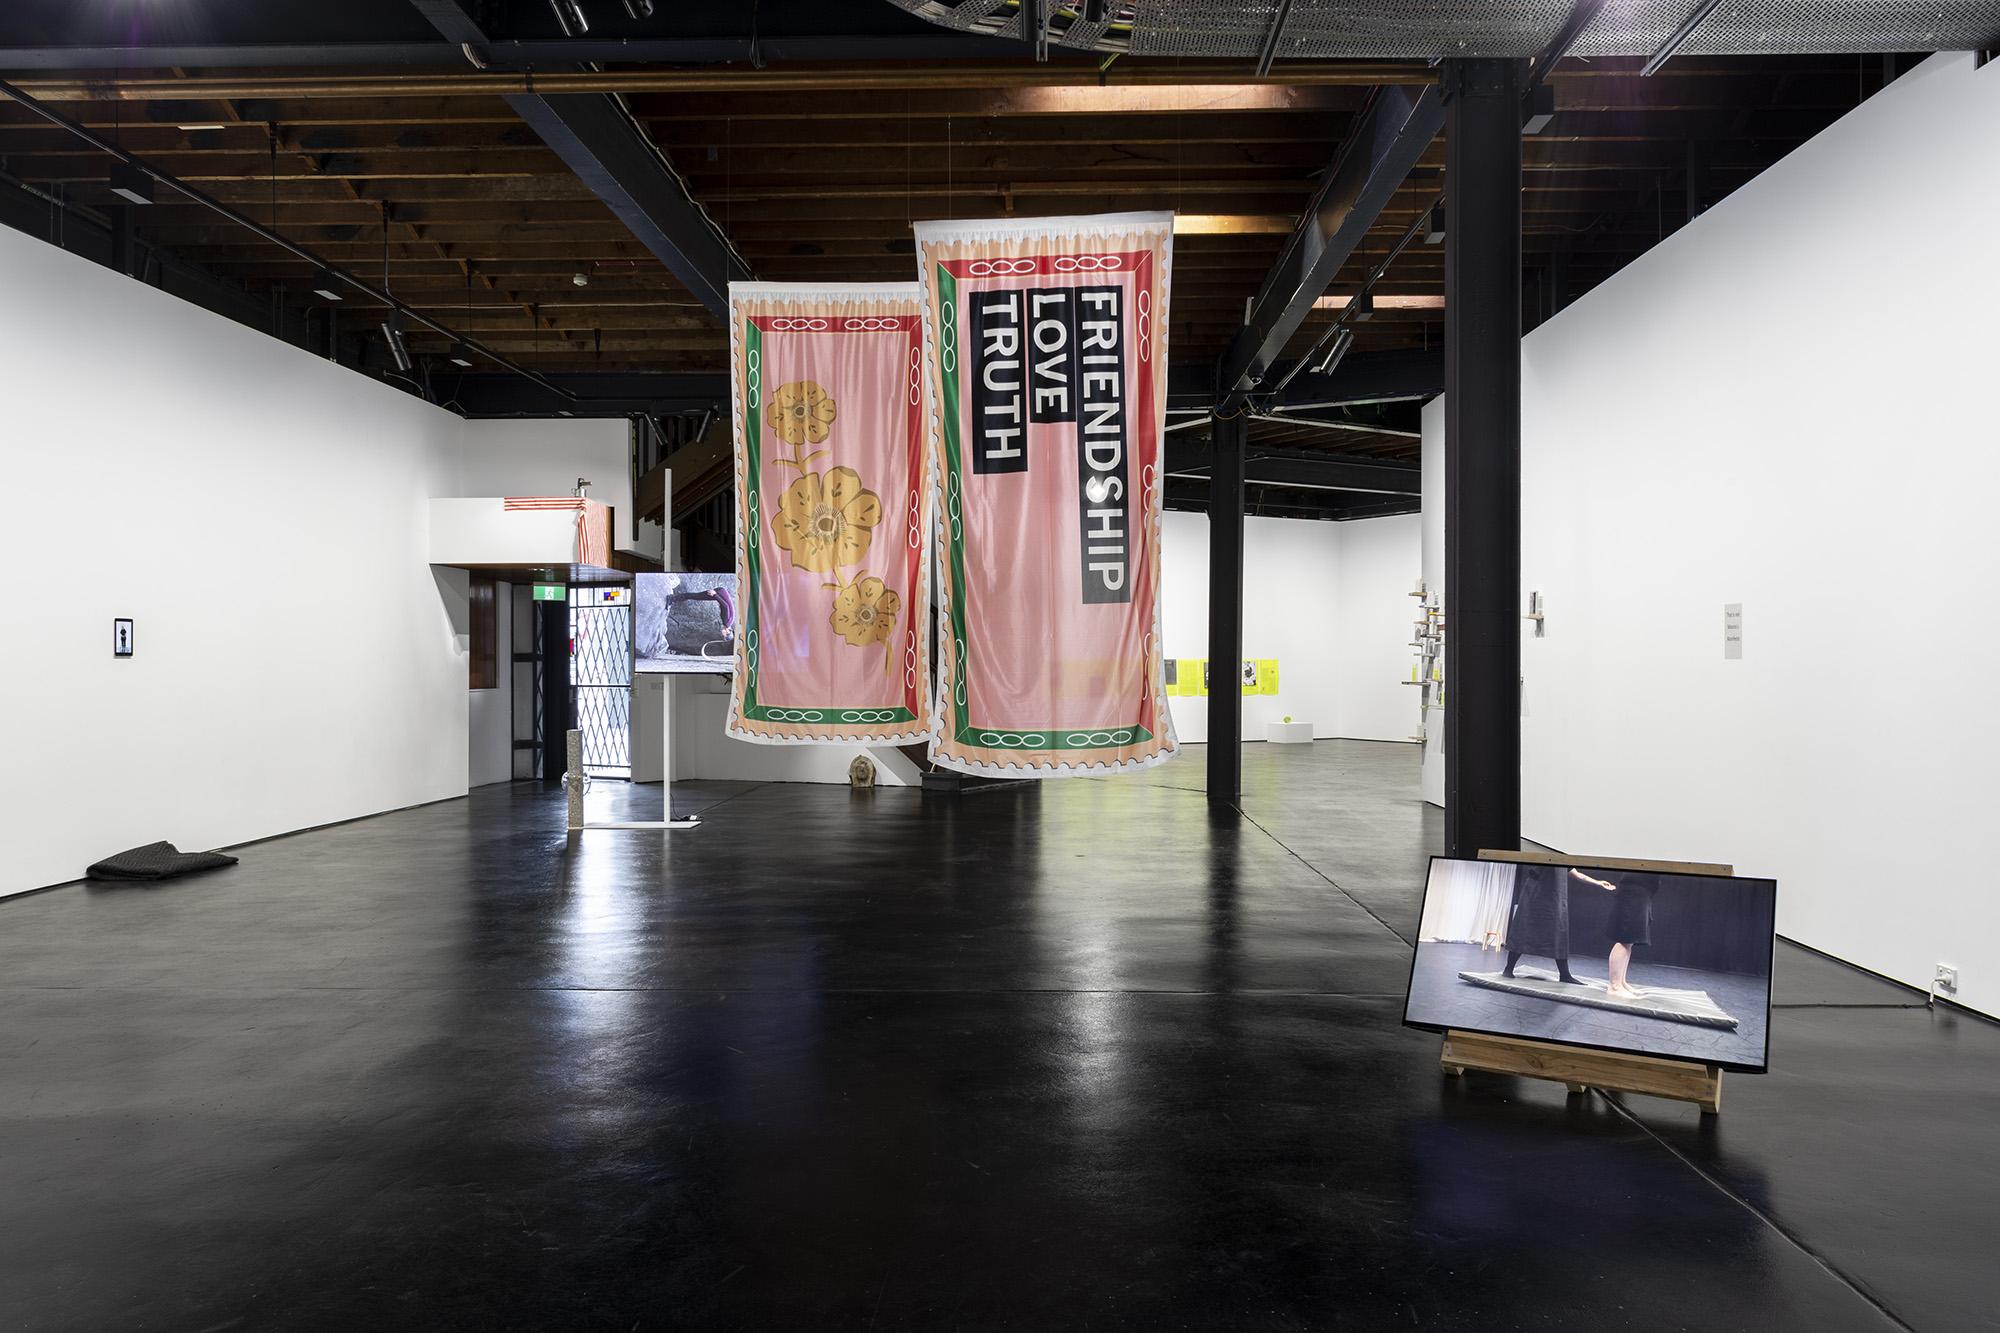 Manifesto install documentation, 2019, documentation by Christo Crocker